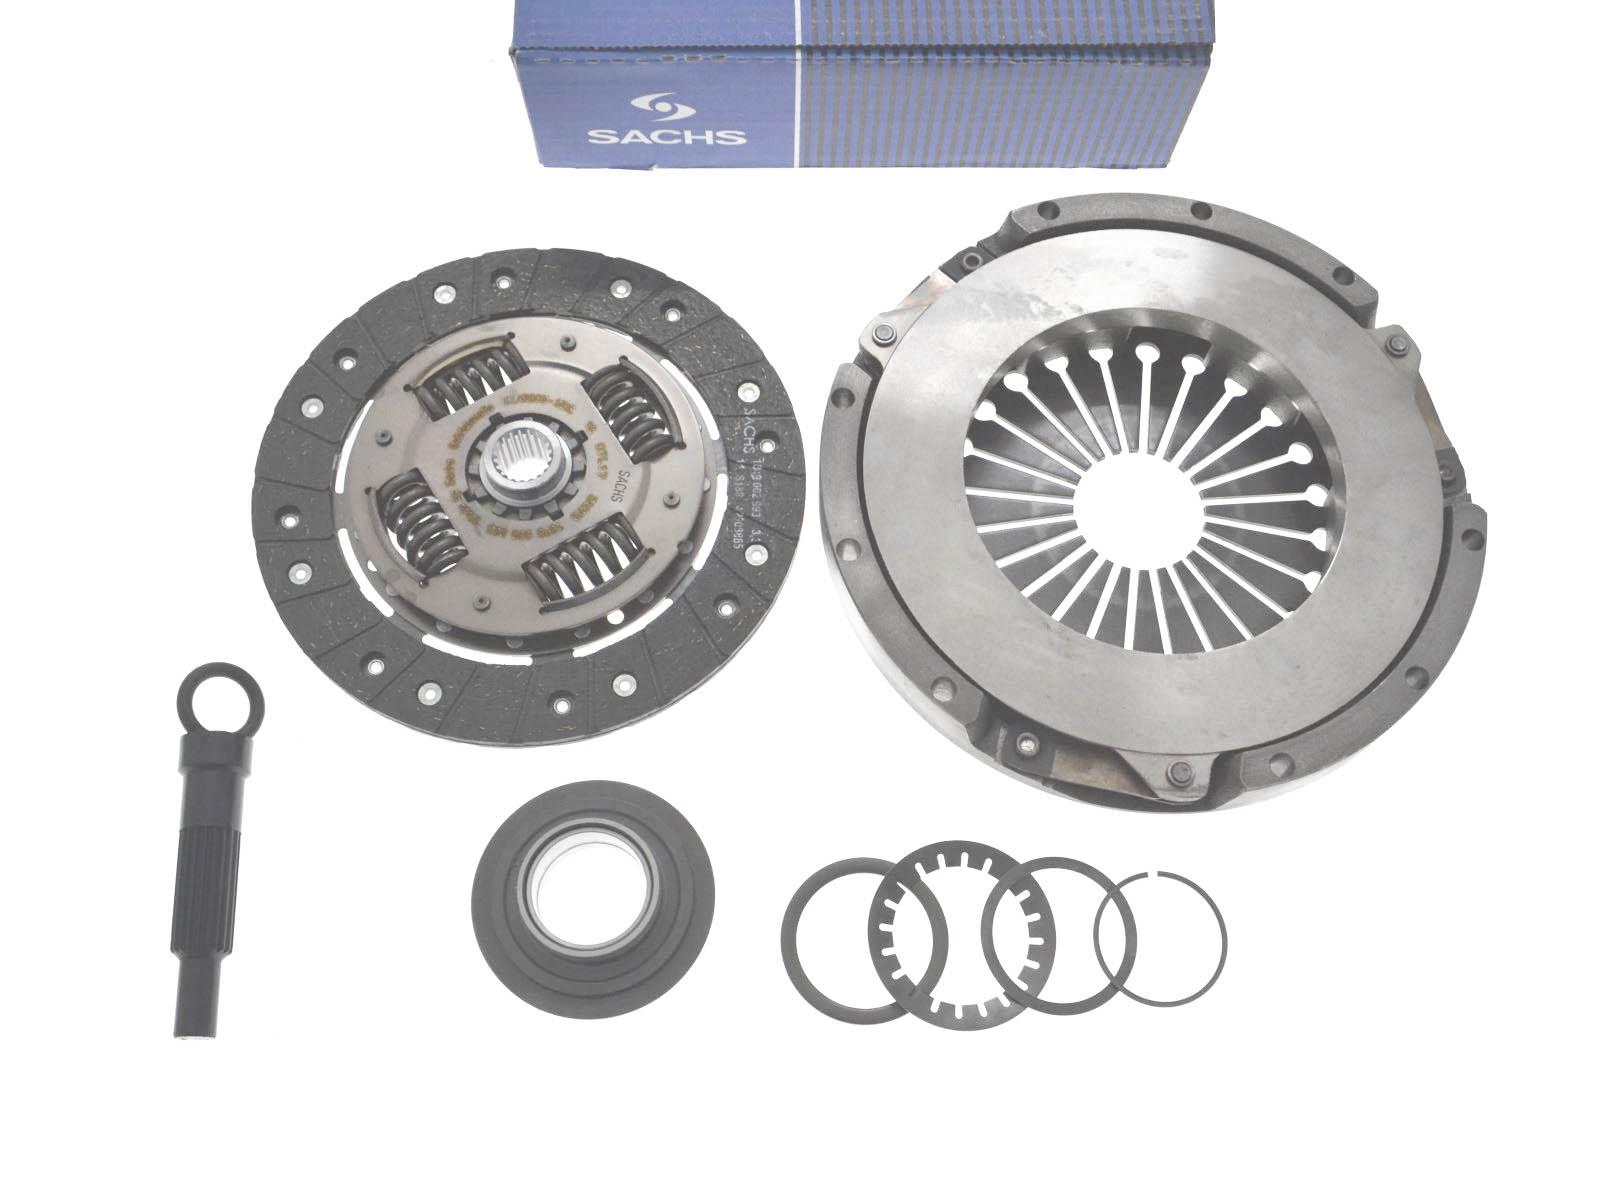 Sachs Kupplungssatz für Porsche 911 SC/Carrera + Zentrierdorn